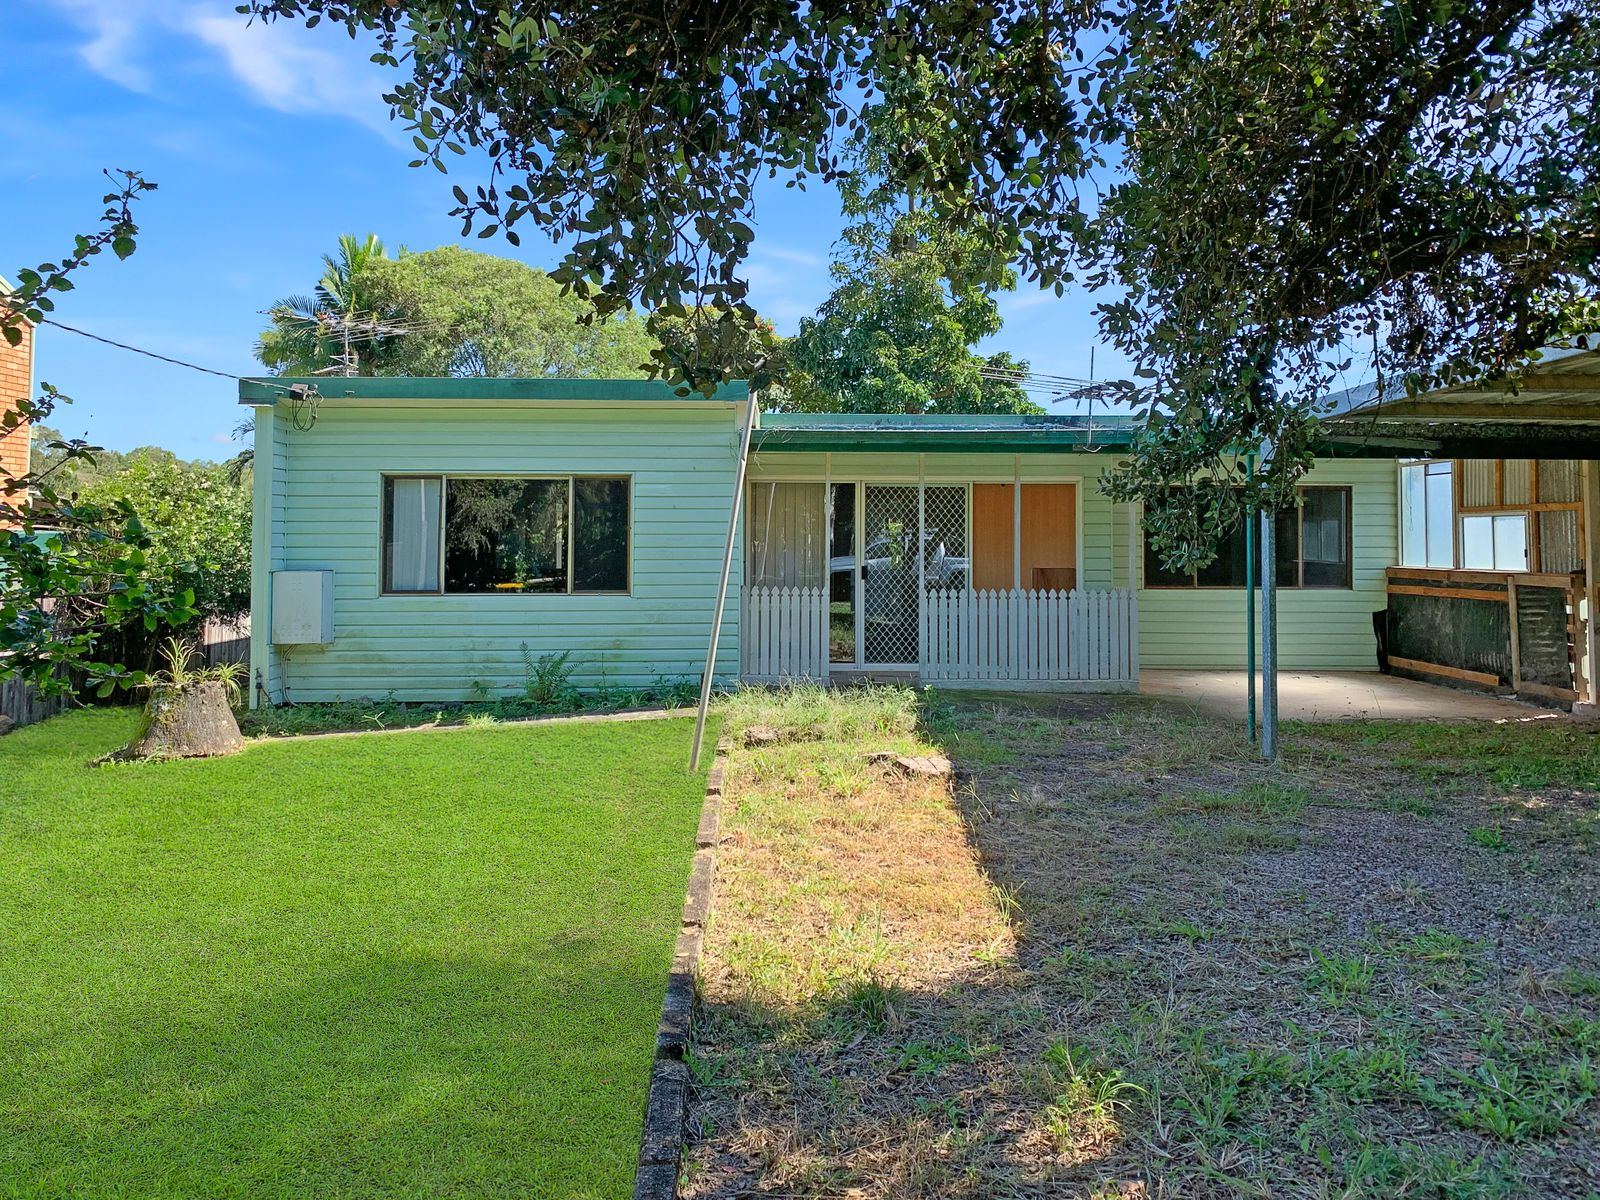 65 Caloundra Street, Landsborough, QLD 4550